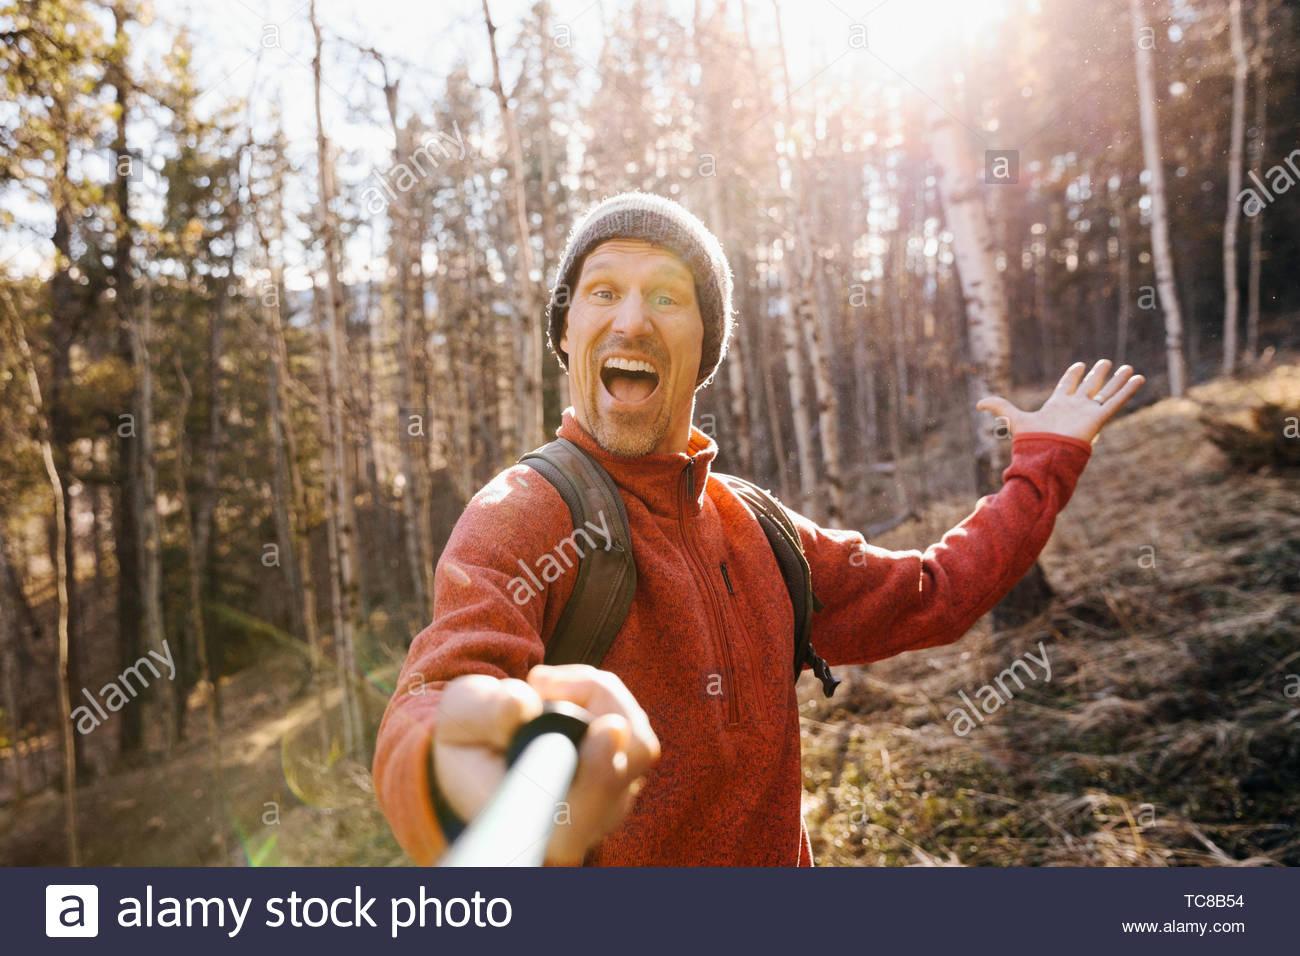 Punto de vista hombre senderismo, teniendo selfie con selfie stick en sunny woods Imagen De Stock